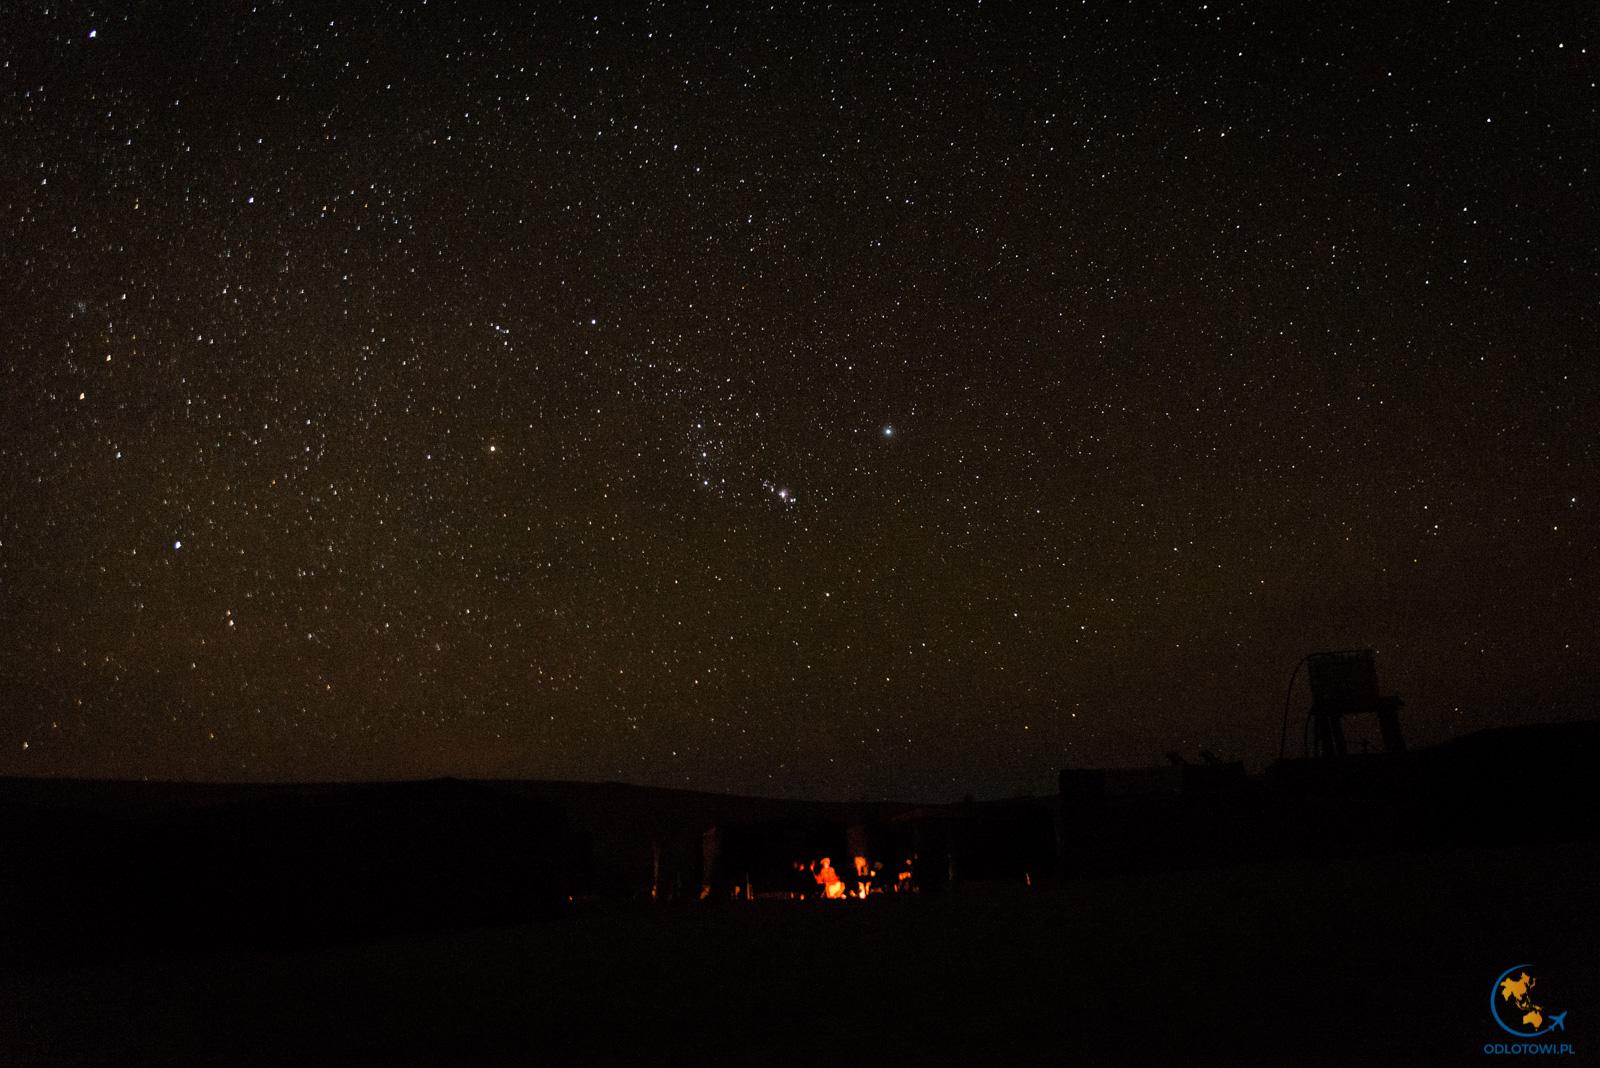 Noc na Saharze - niebo w gwiazdach | Desert Fireplace and stars